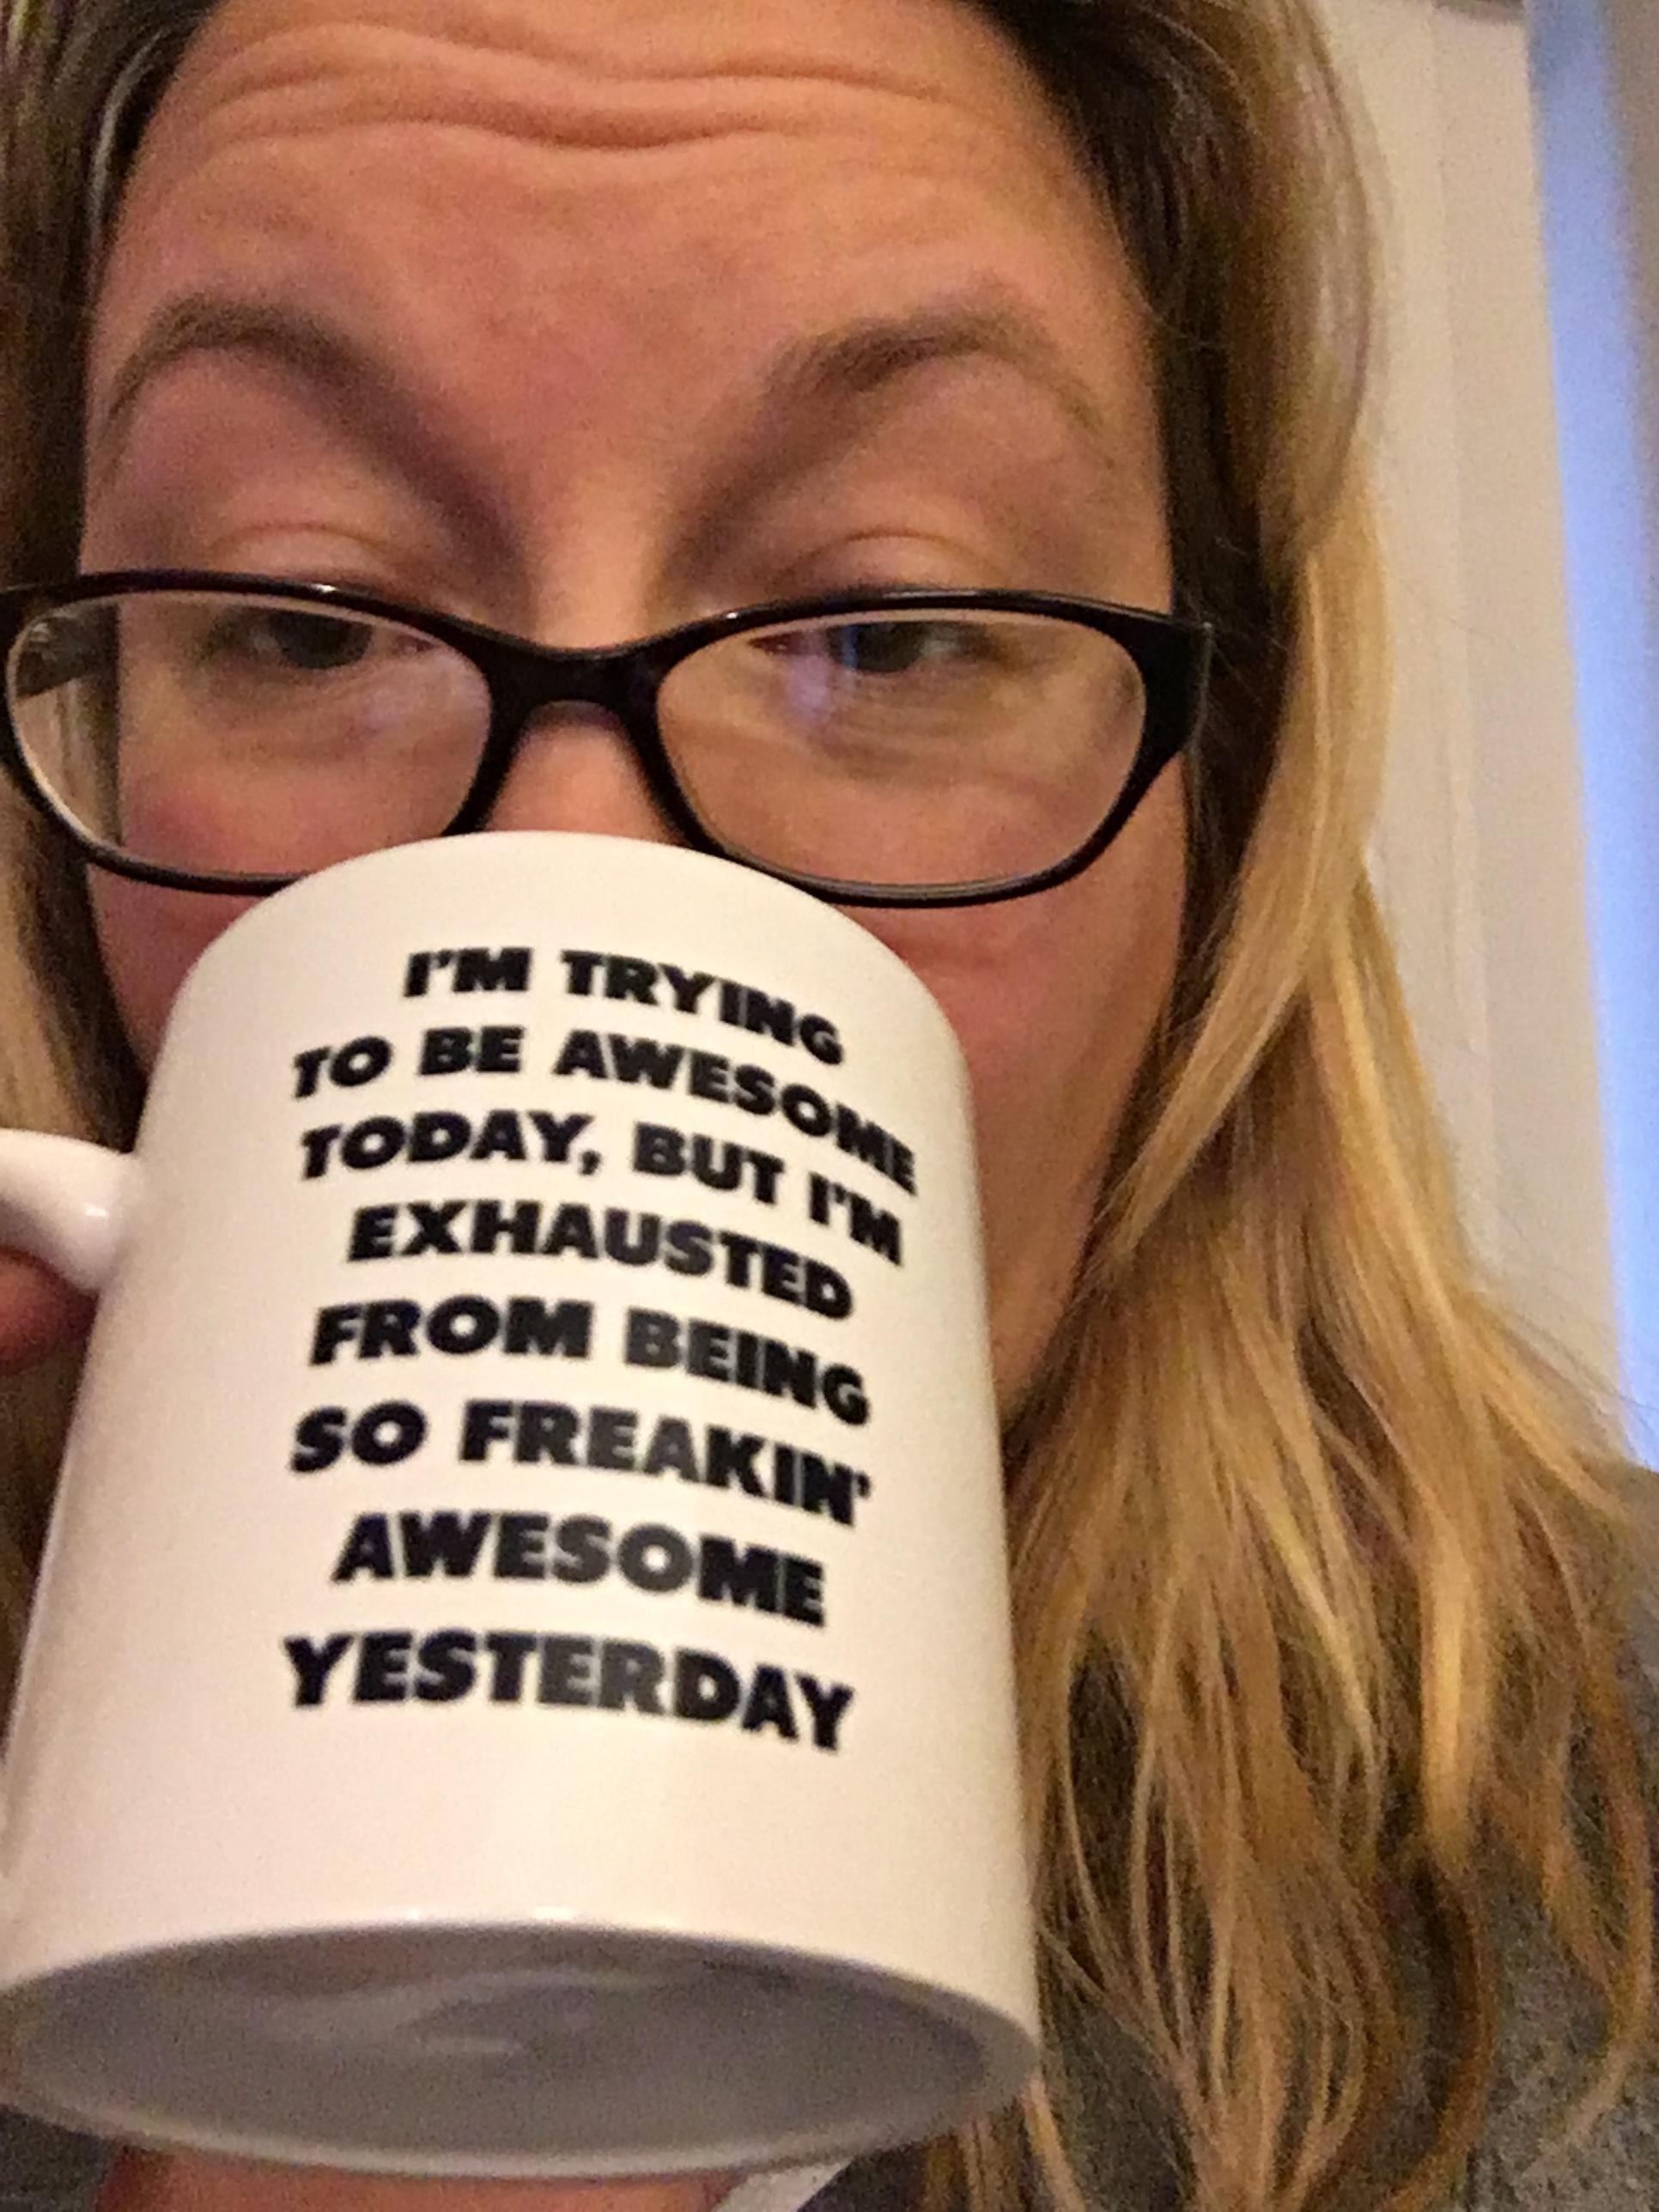 The mug speaks truth.